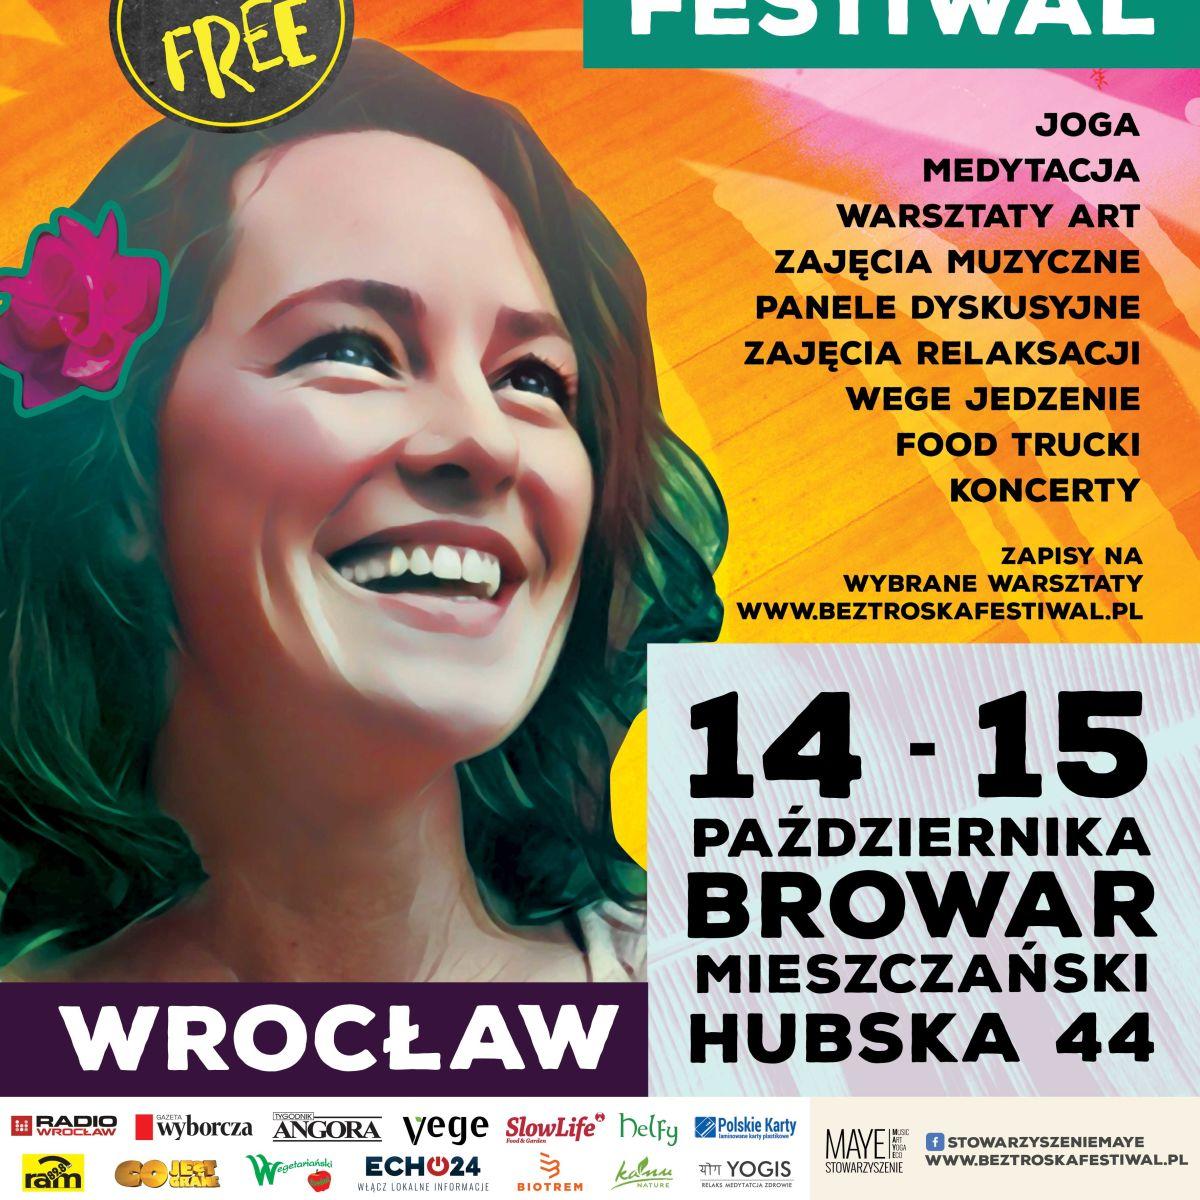 2 edycja Festiwalu Beztroska we Wrocławiu